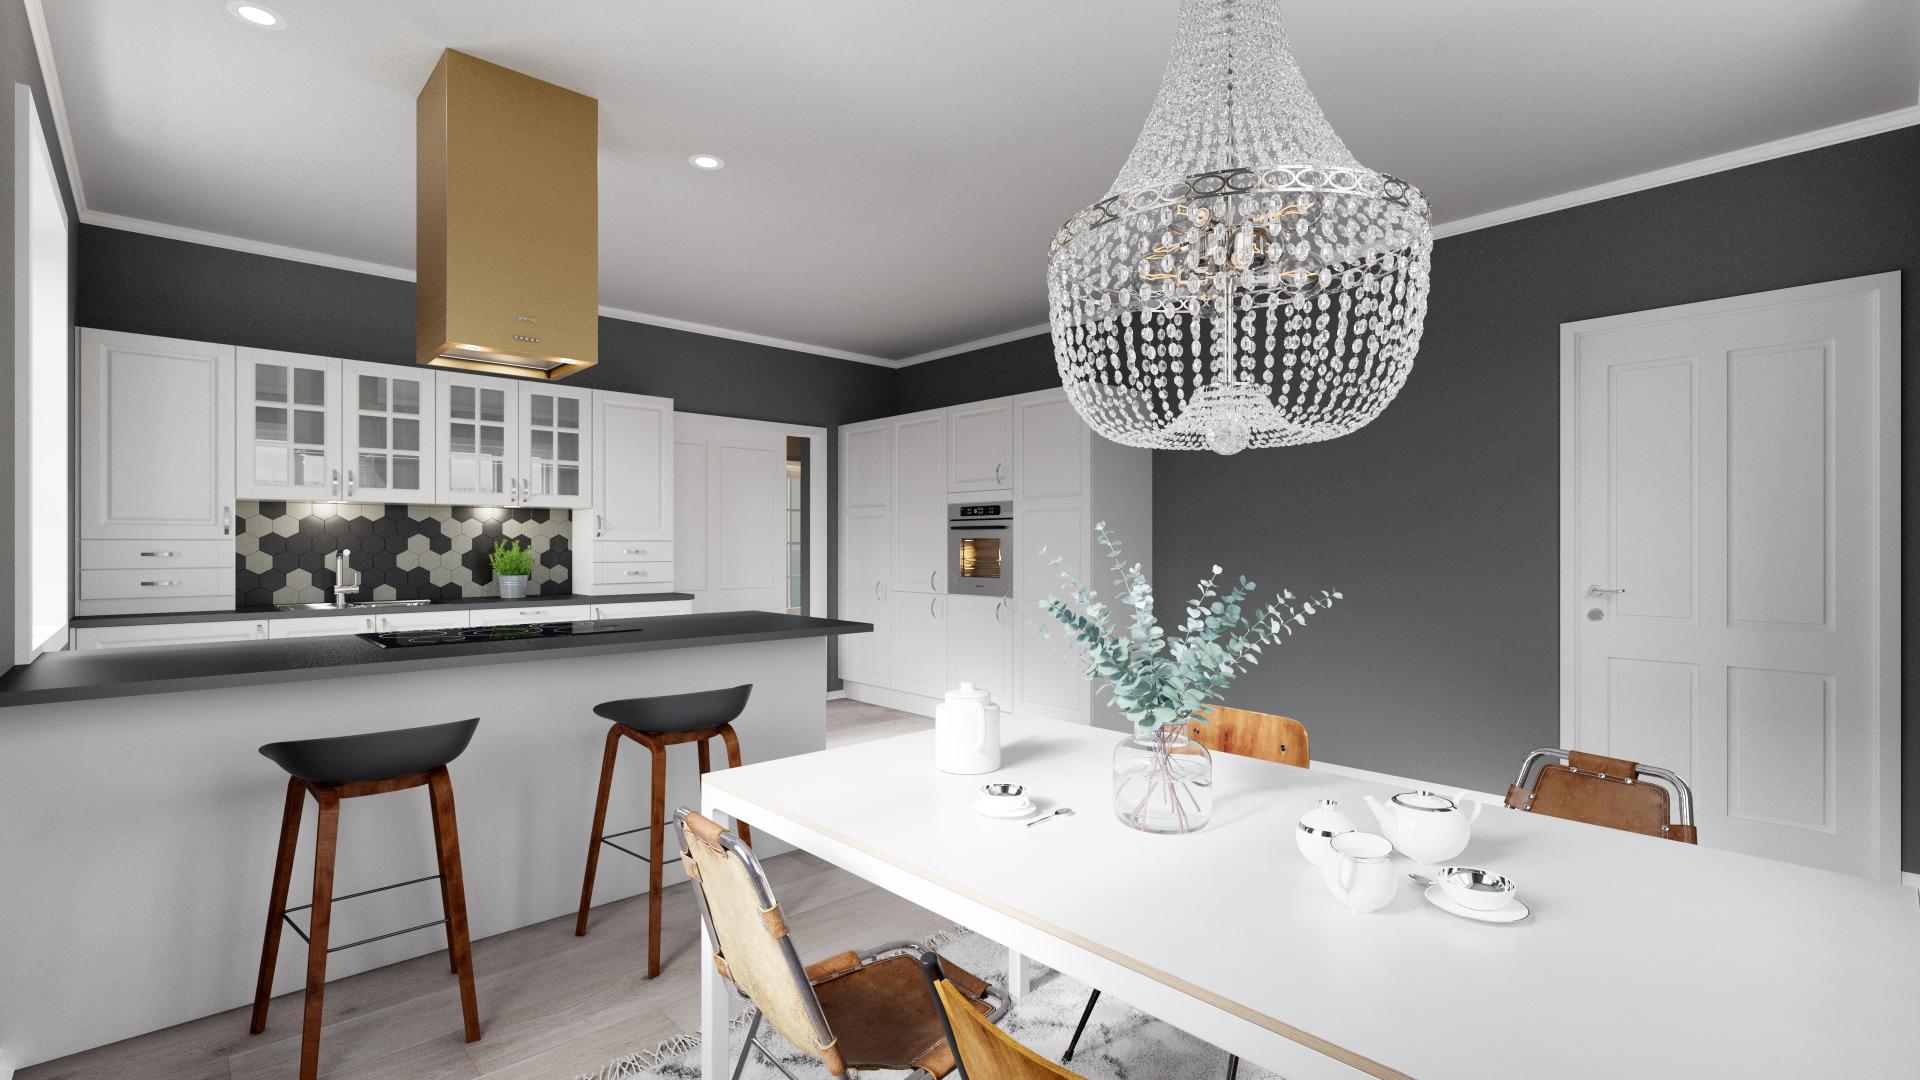 Et stort kjøkken hører hjem i et herskapelig hus